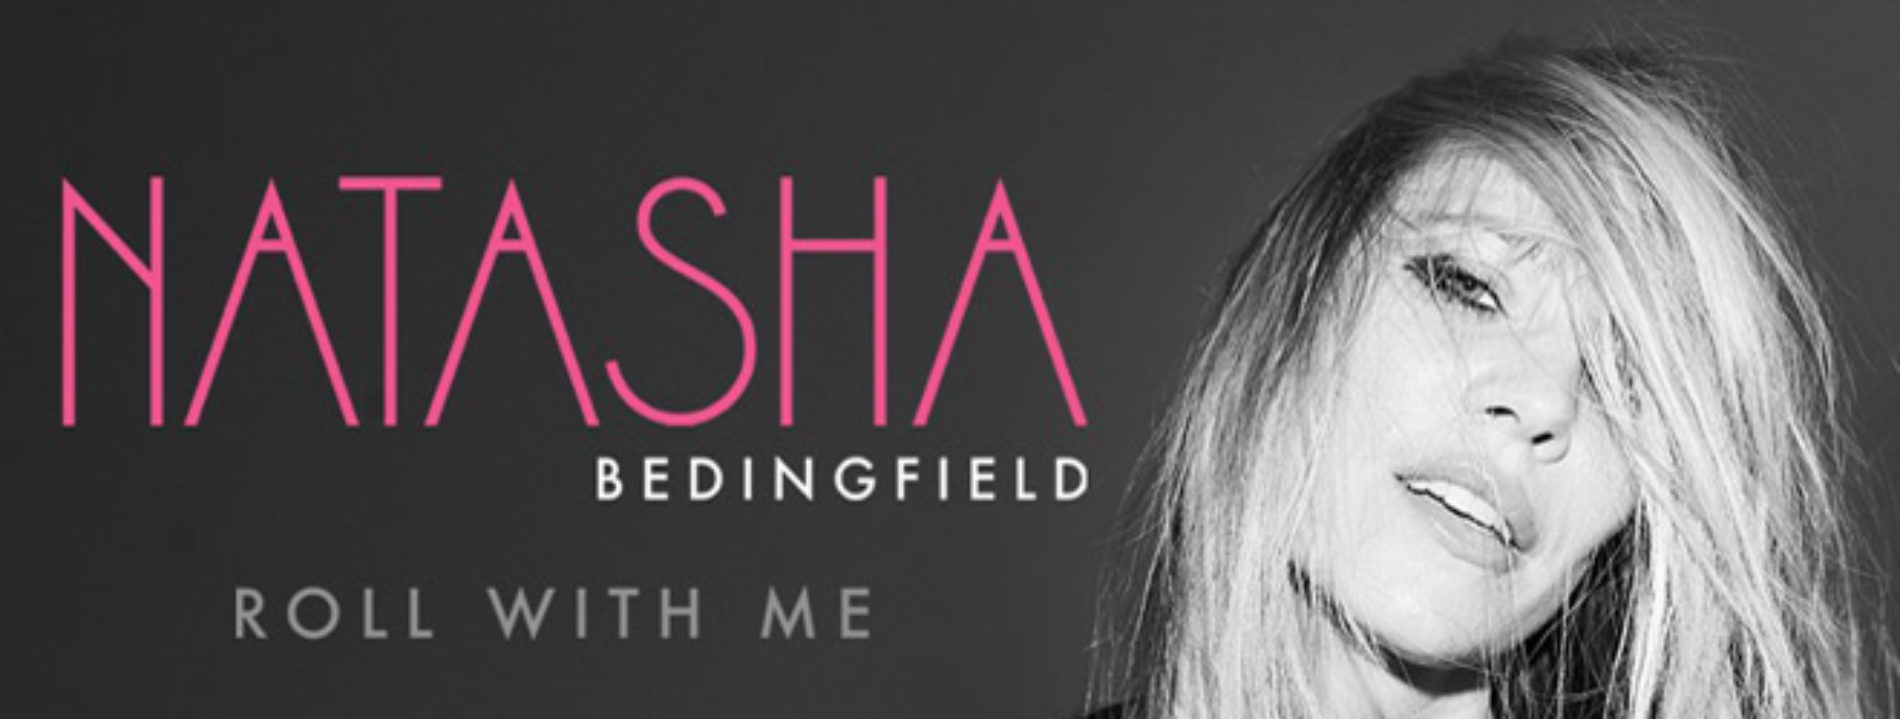 Natasha Bedingfield – Roll With Me